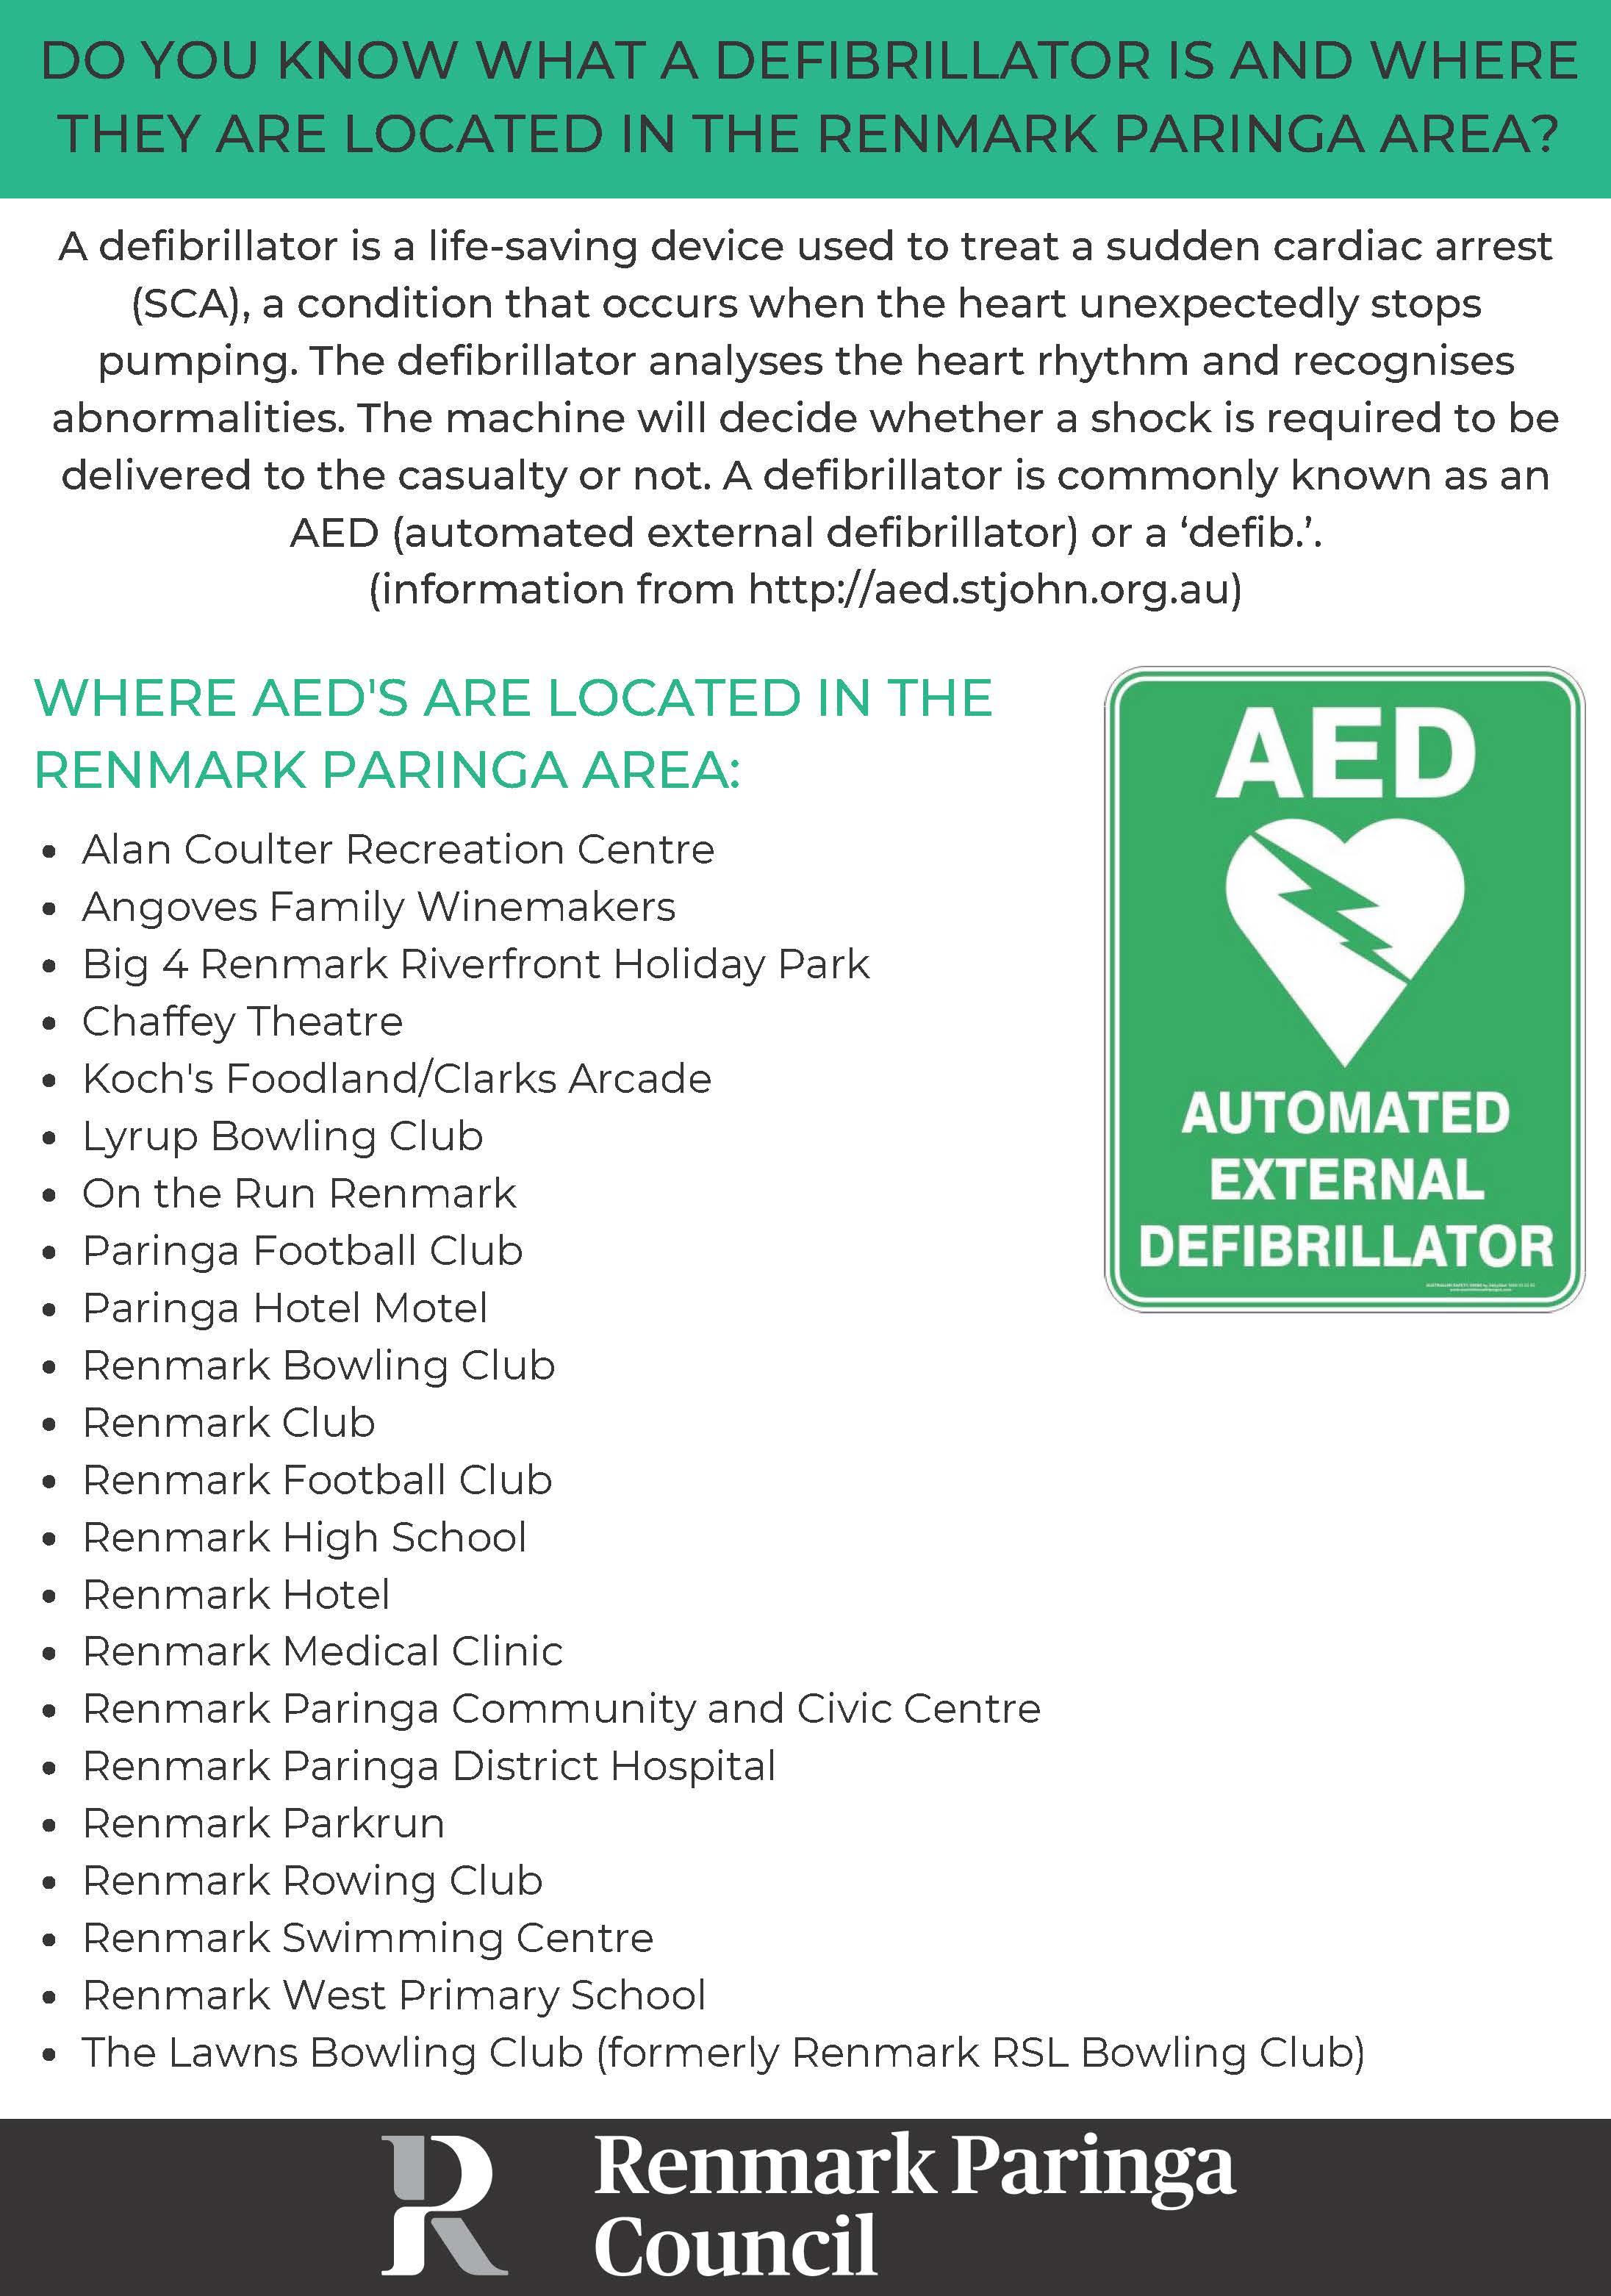 Defibrillators Renmark Paringa Area